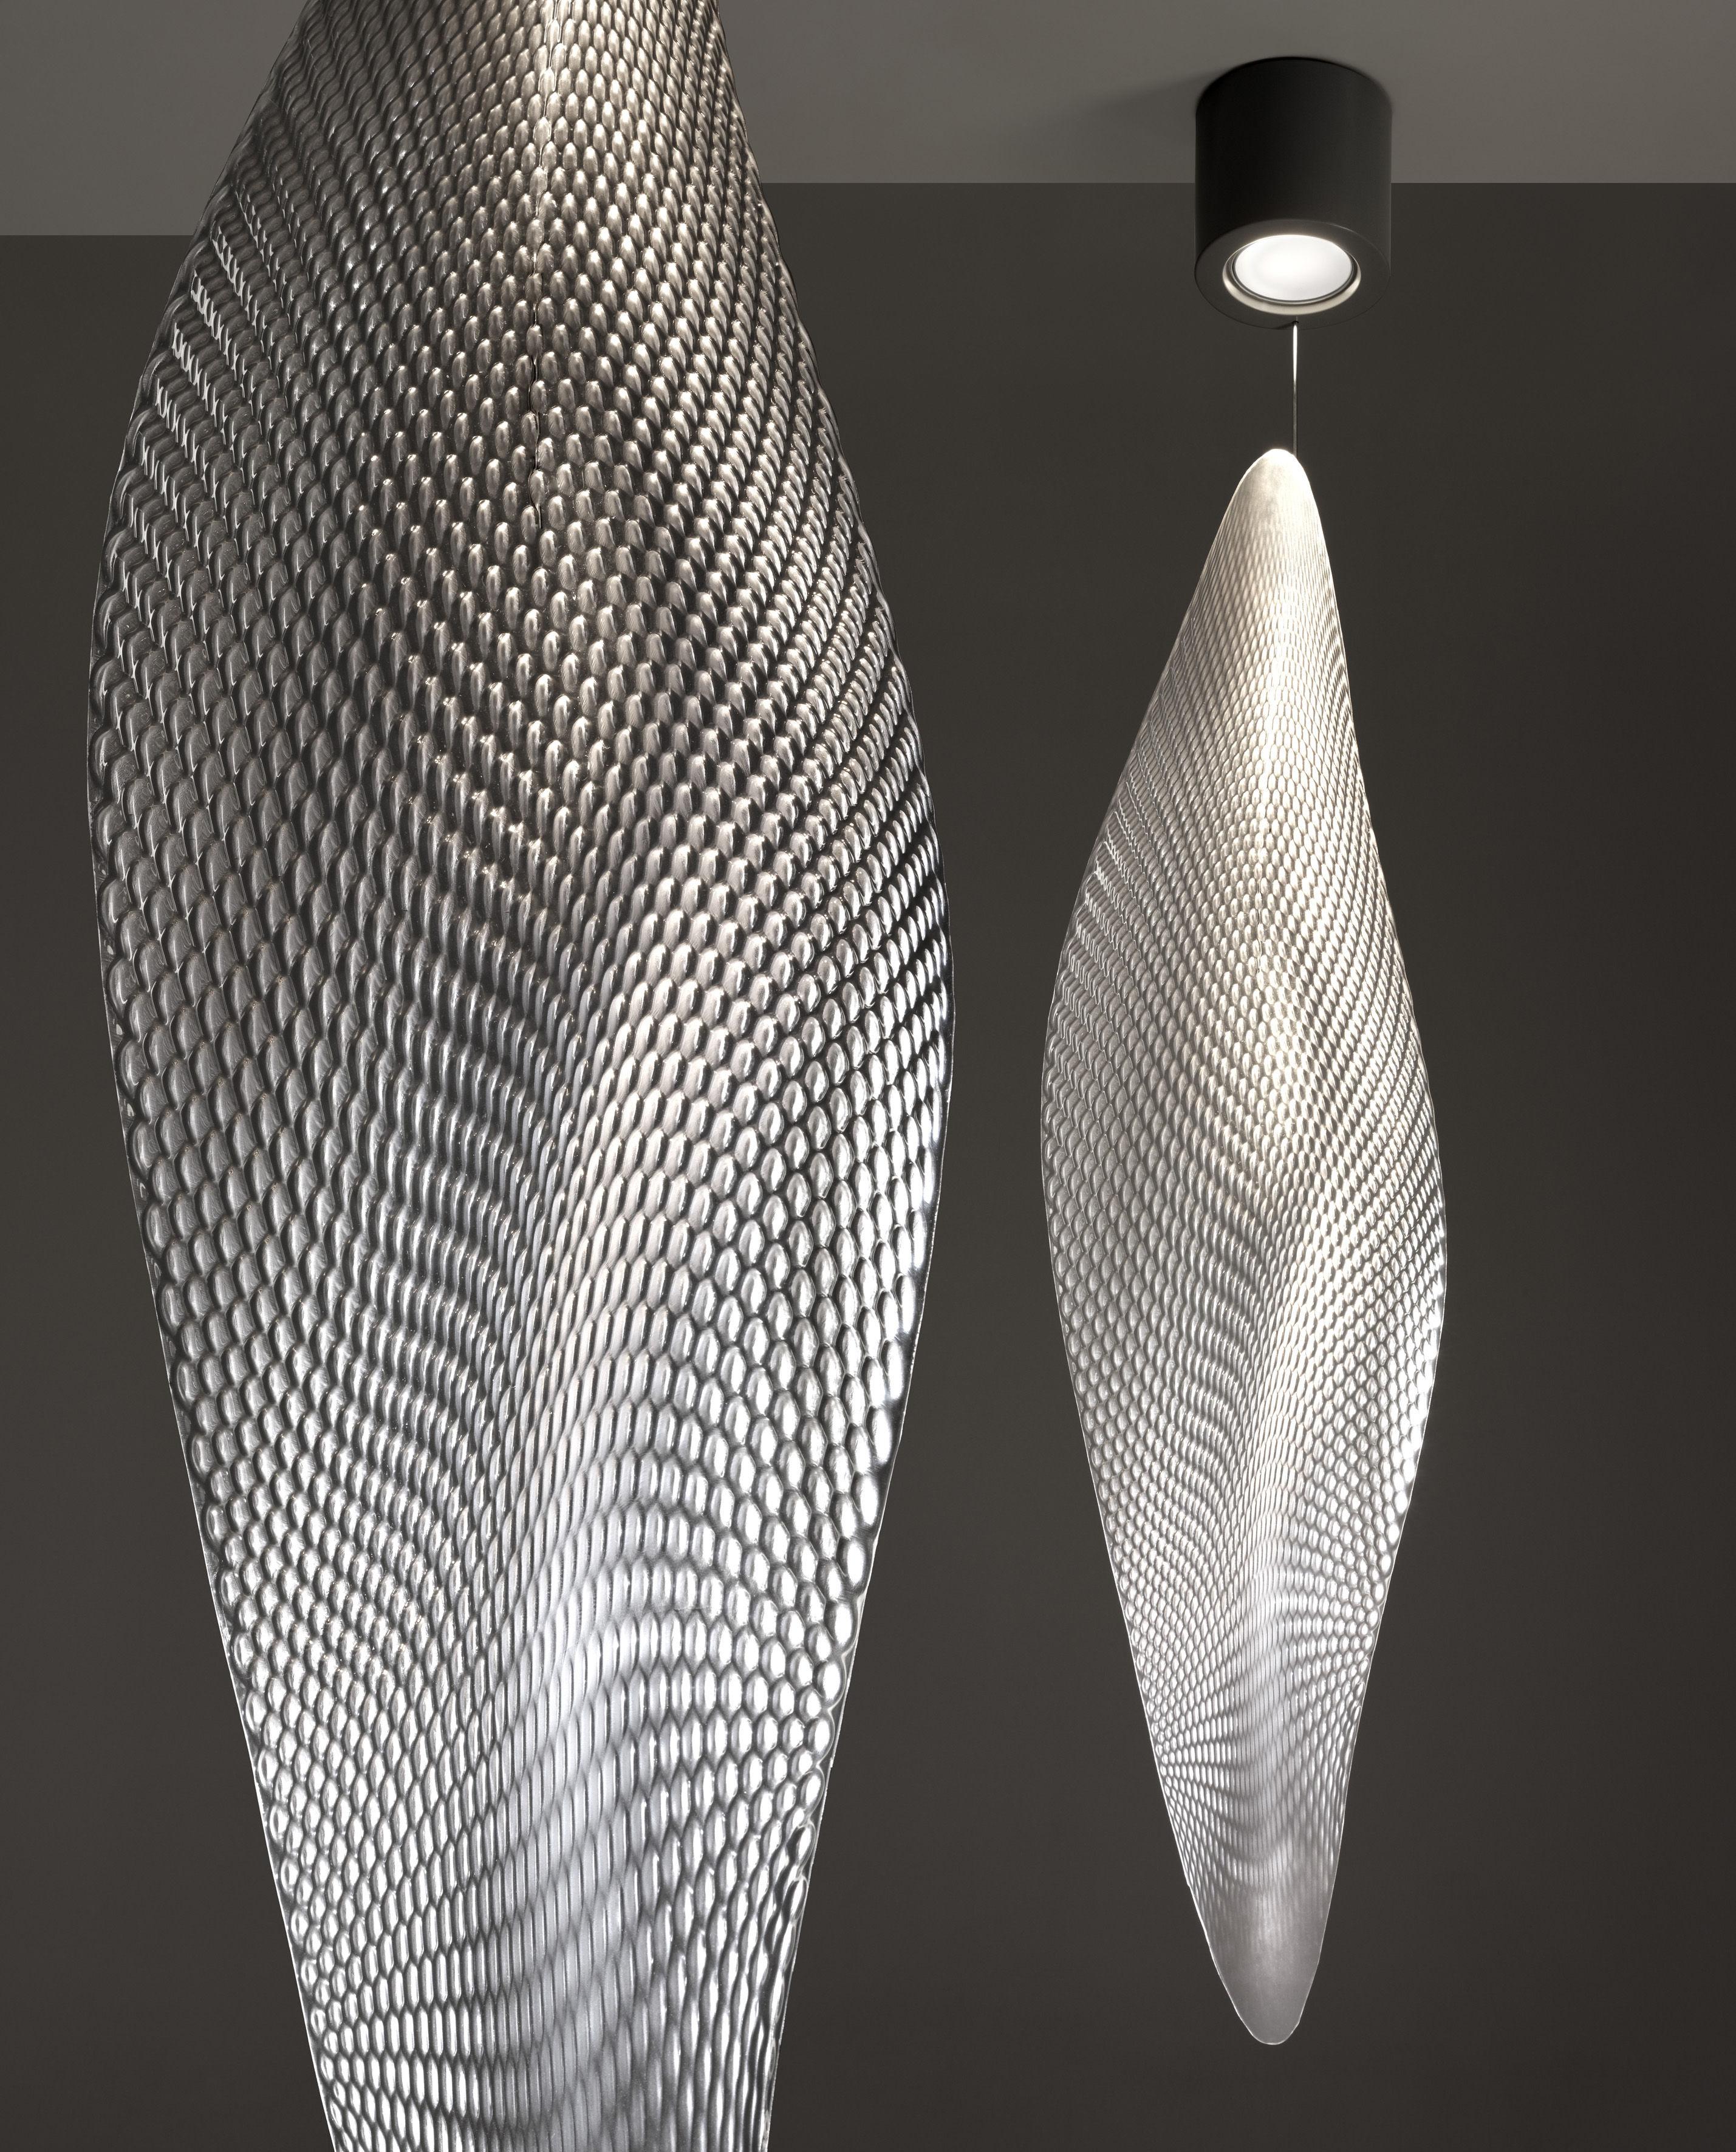 cosmic leaf ceiling light grey canopy transparent. Black Bedroom Furniture Sets. Home Design Ideas